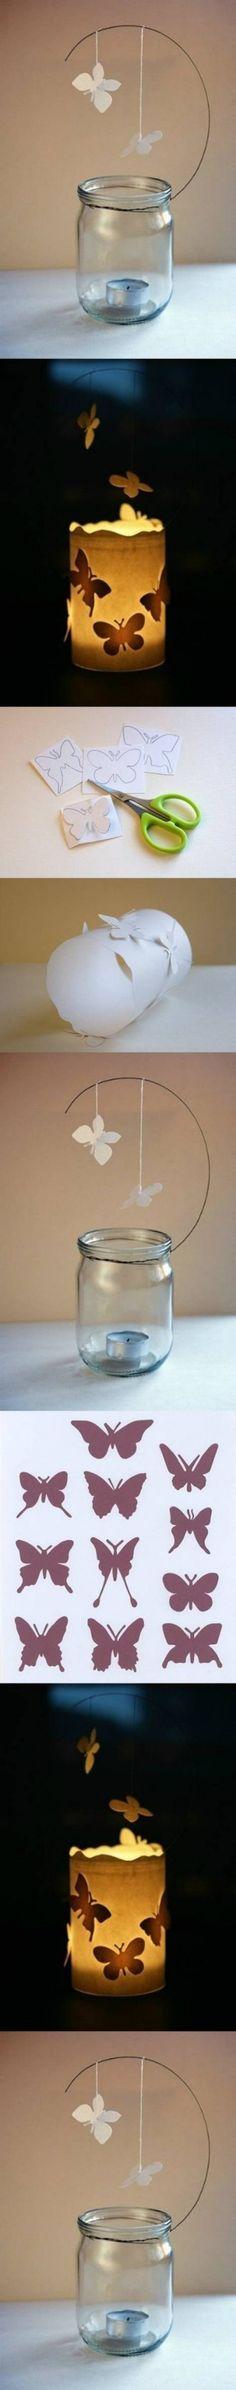 DIY Butterfly Candle Decor Ideas DIY Projects #Decorazione fai da te per #matrimonio